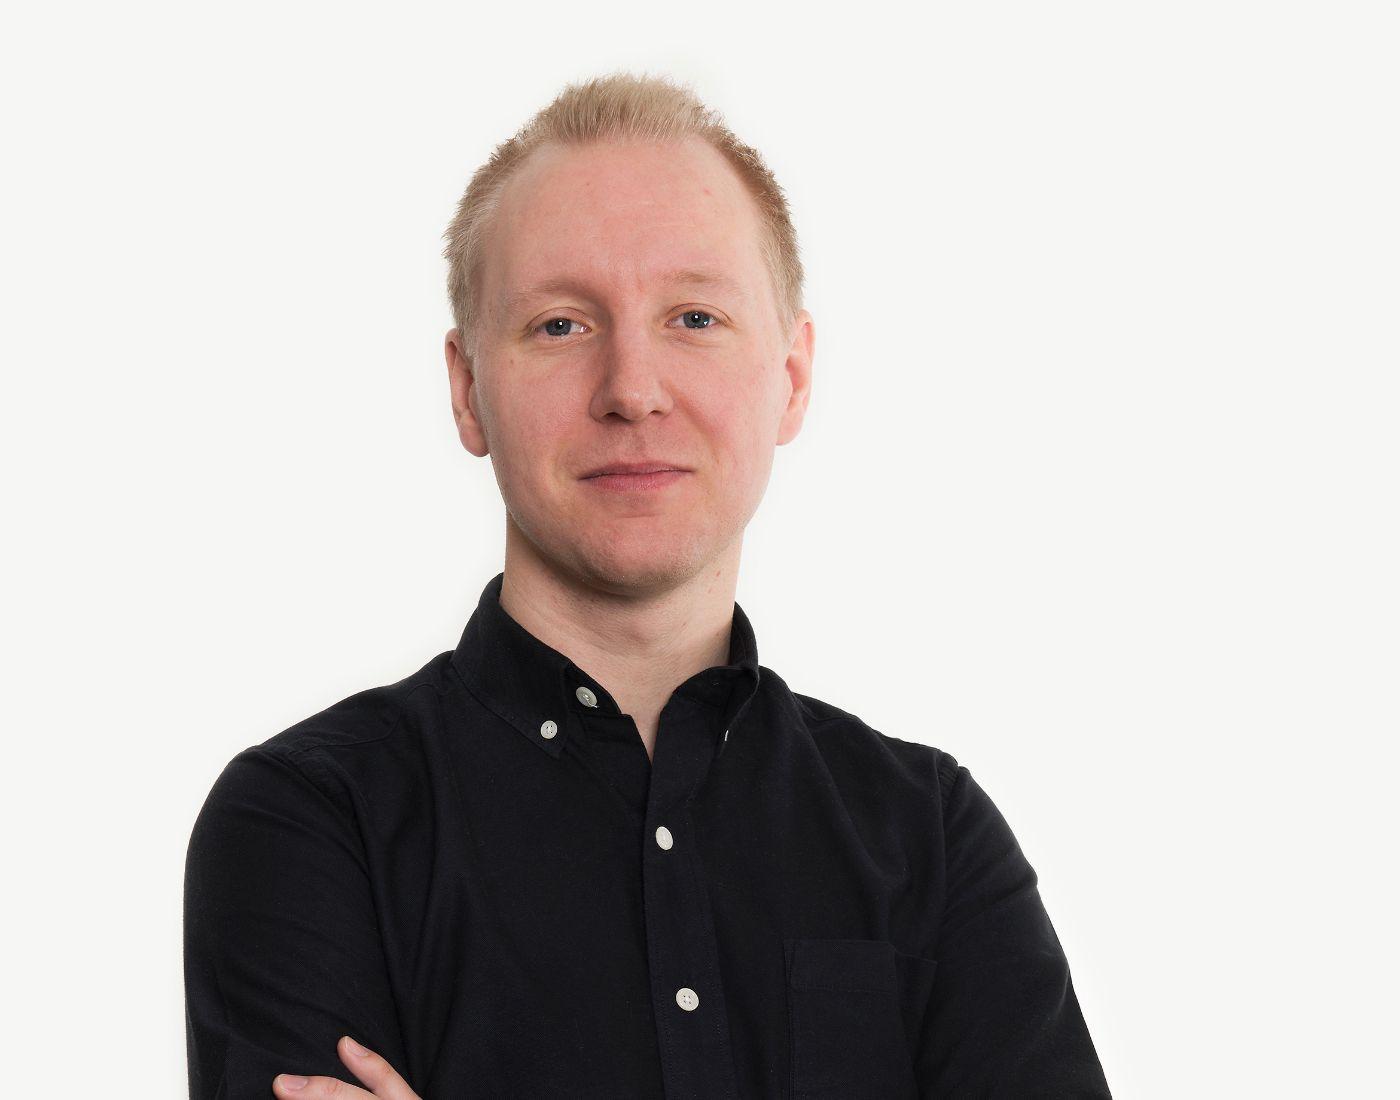 Kalle Gustafsson